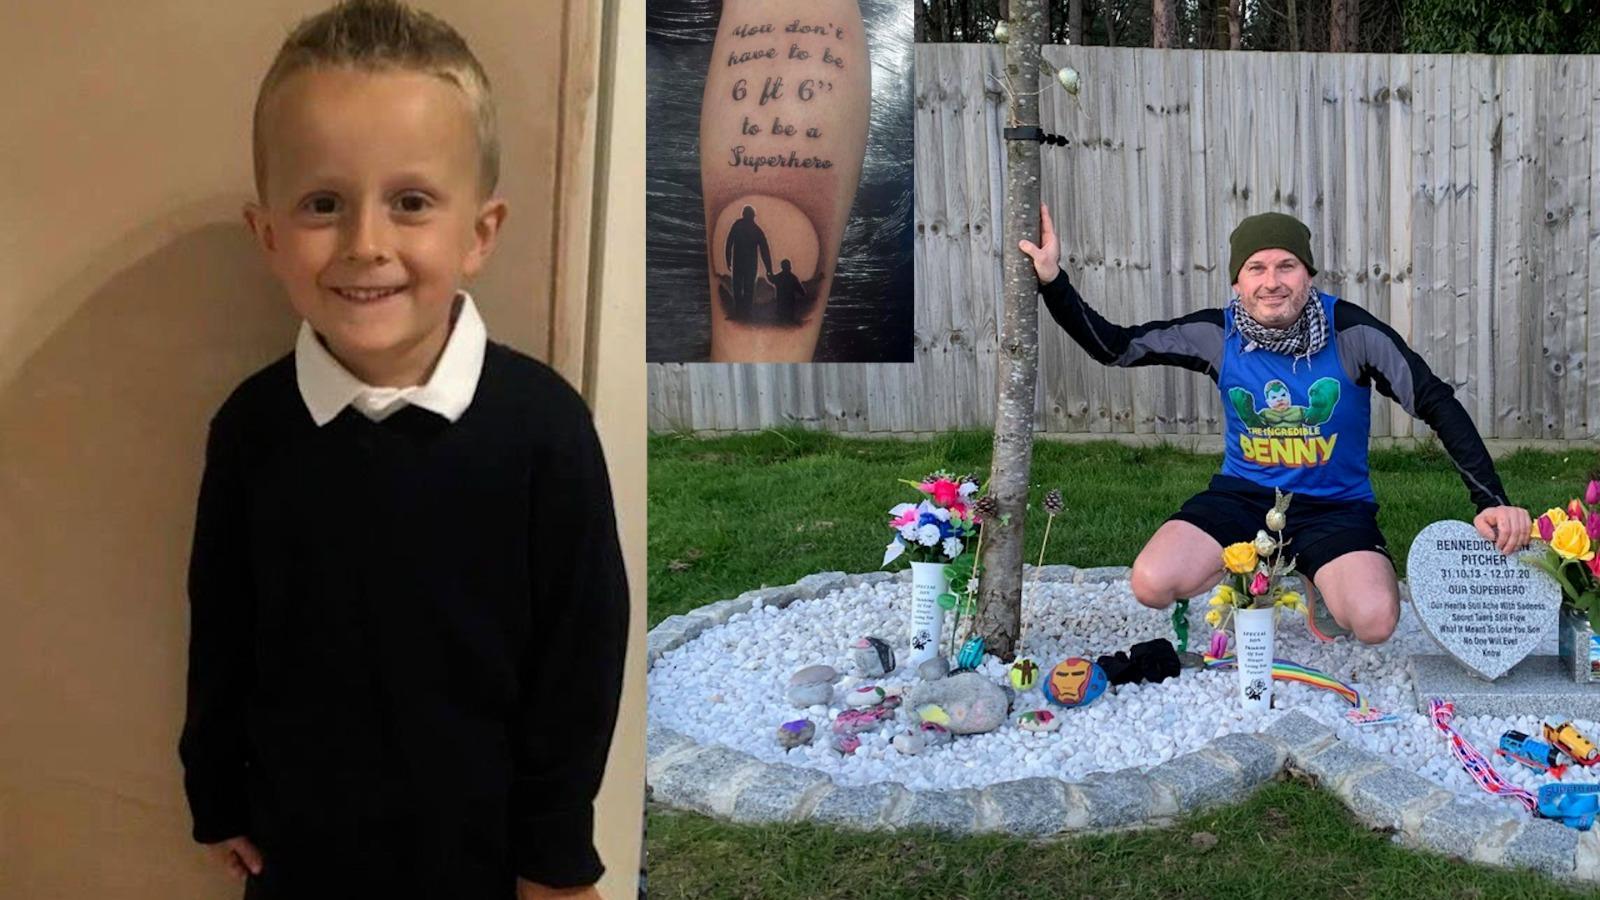 Un tată, care și-a pierdut fiul de 6 ani din cauza cancerului, a folosit cenușa pentru a-și tatua pe picior o imagine cu ei doi